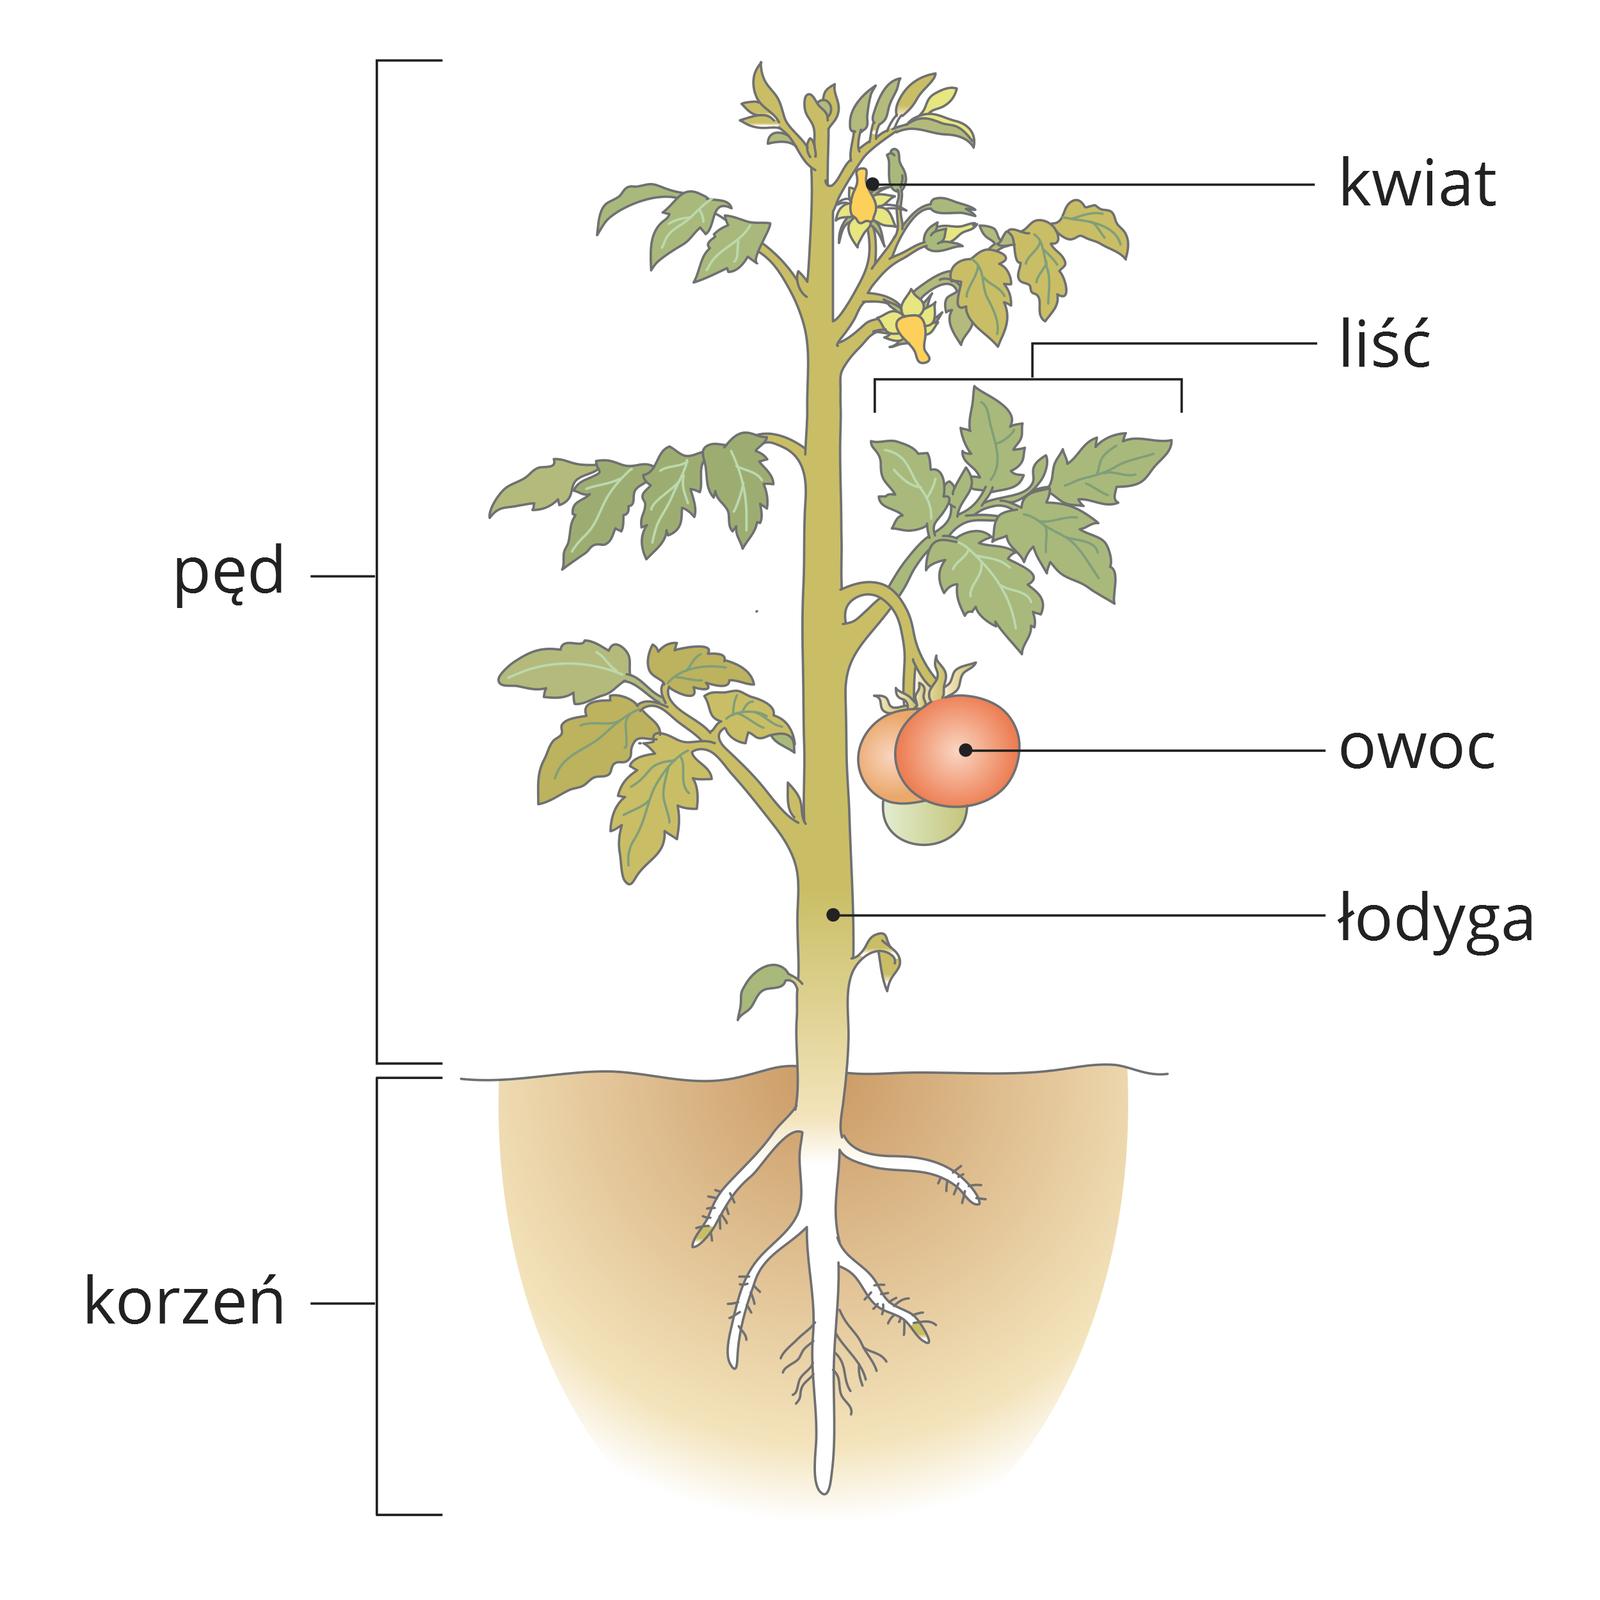 Ilustracja przedstawia pęd pomidora zkorzeniem. Od góry na łodydze znajdują się: żółte kwiaty, zielone liście iczerwone owoce. Rozgałęziony korzeń znajduje się wziemi.